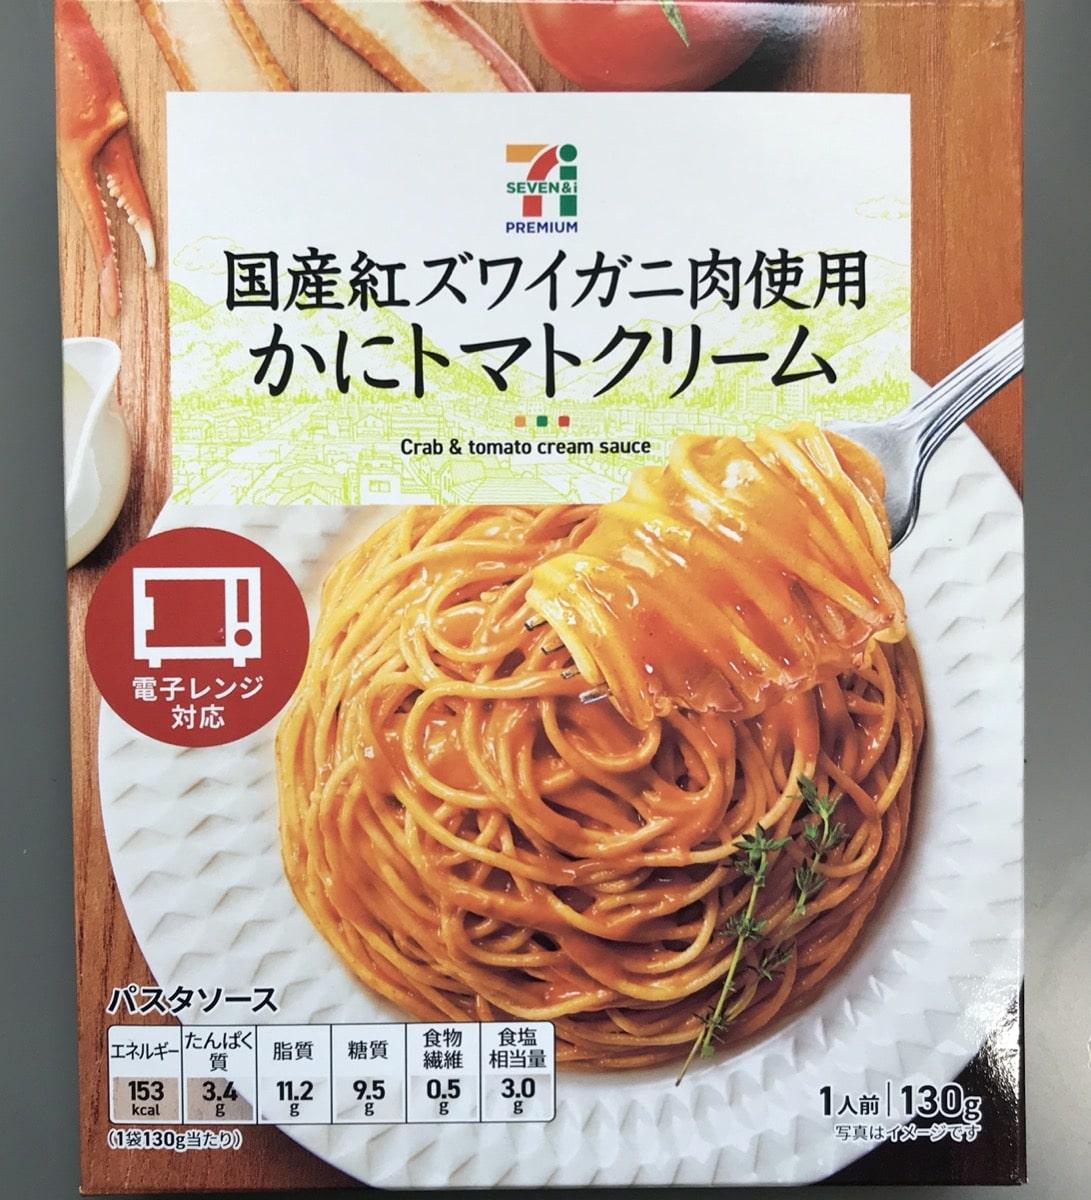 【レビュー】セブンイレブン 国産紅ズワイガニ肉使用 かにトマトクリーム